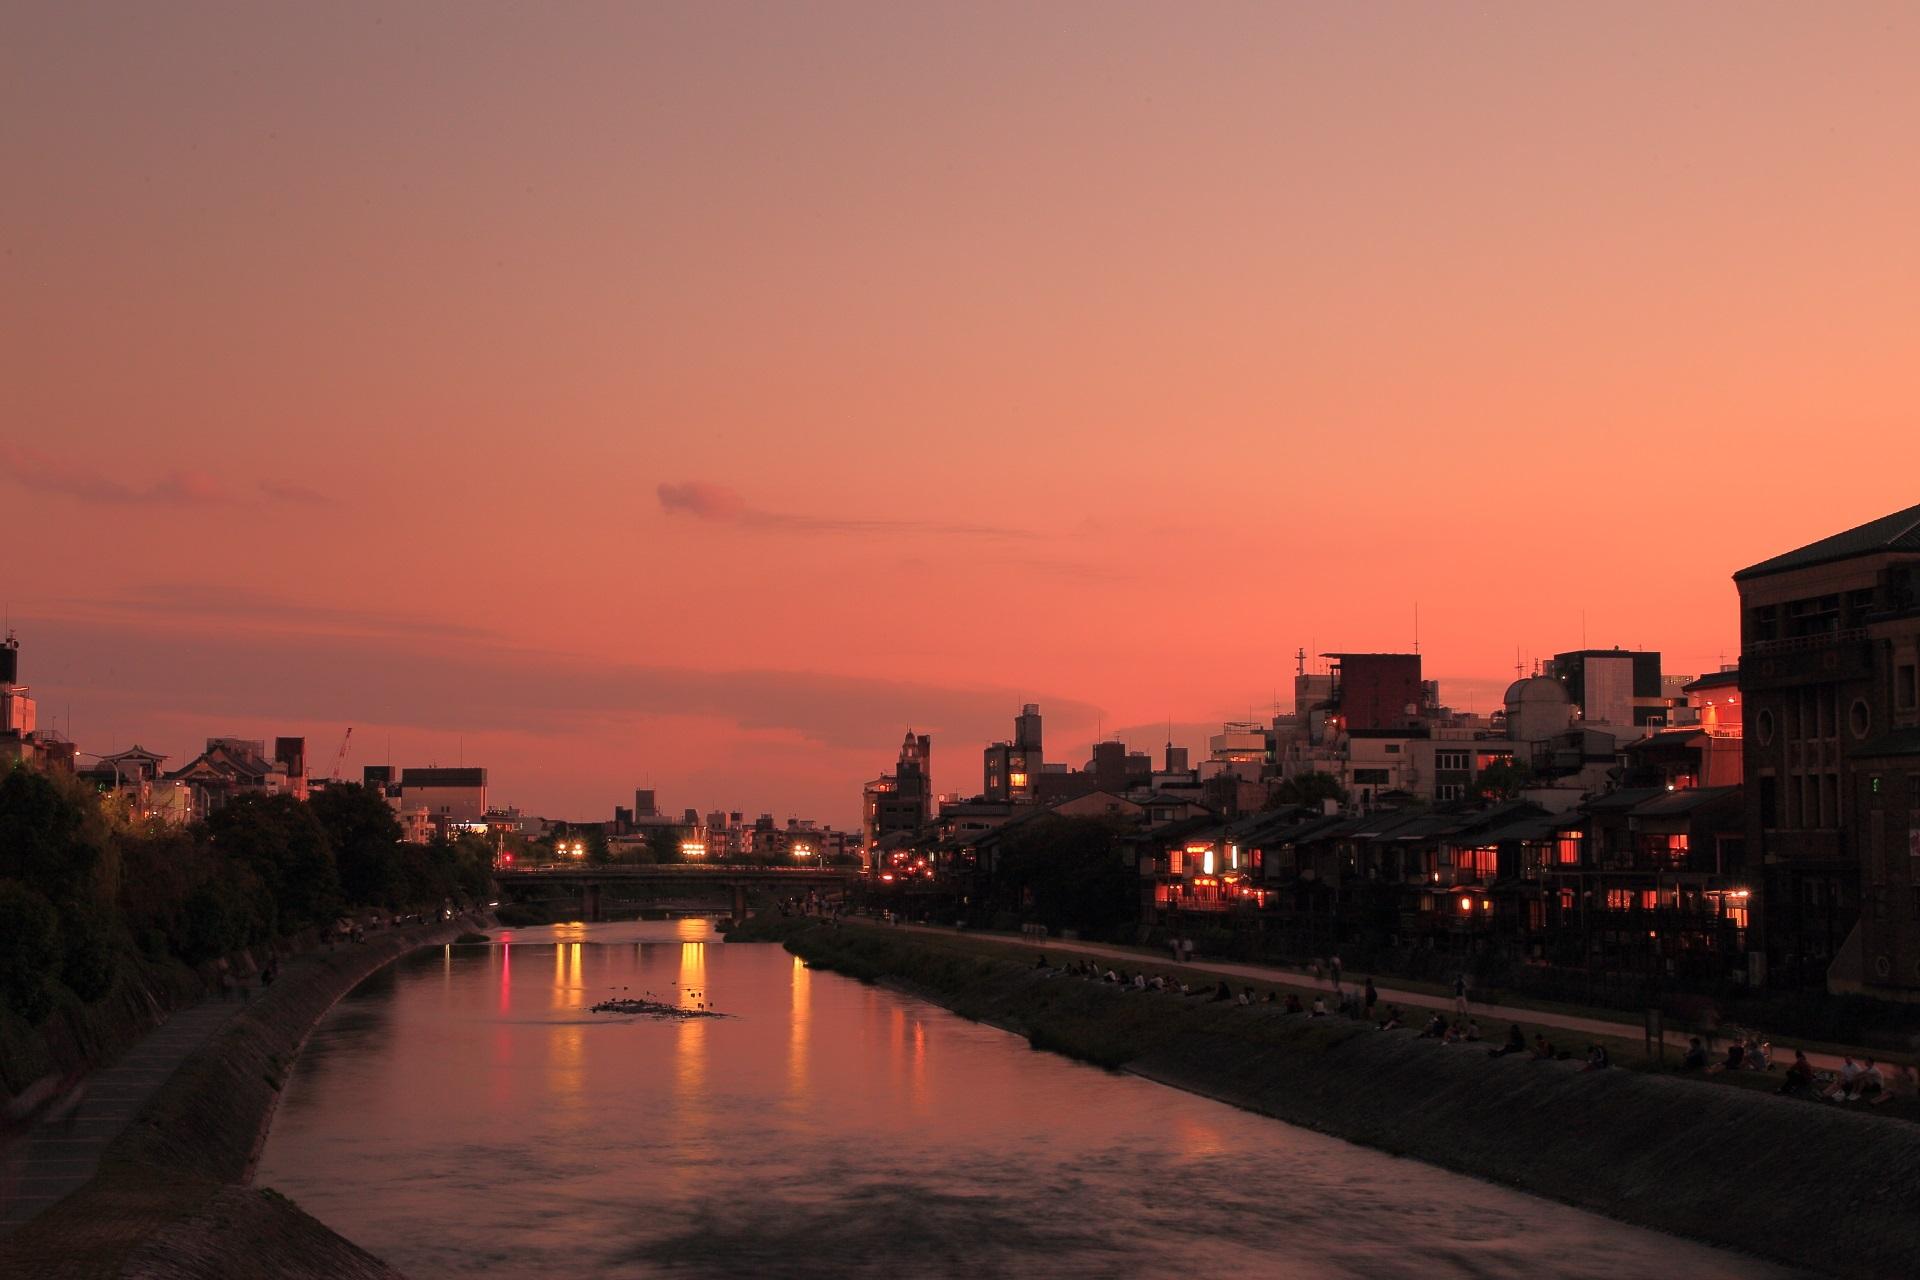 鴨川 夕焼け 赤くそまる幻想的な川面と空